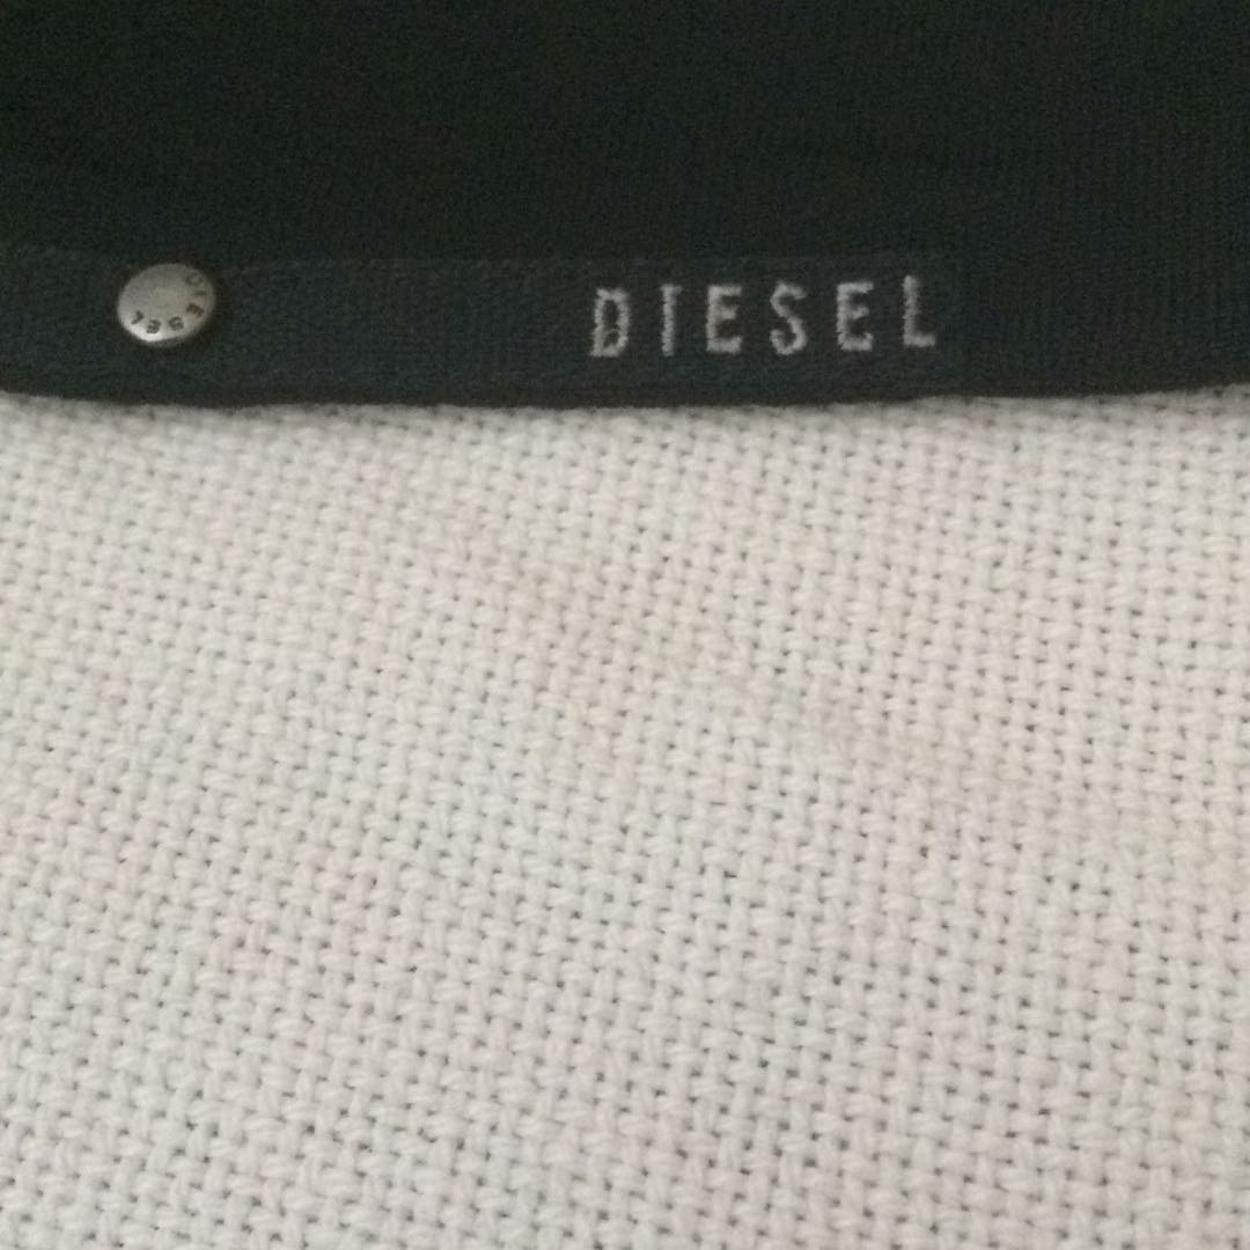 Diesel Tulum